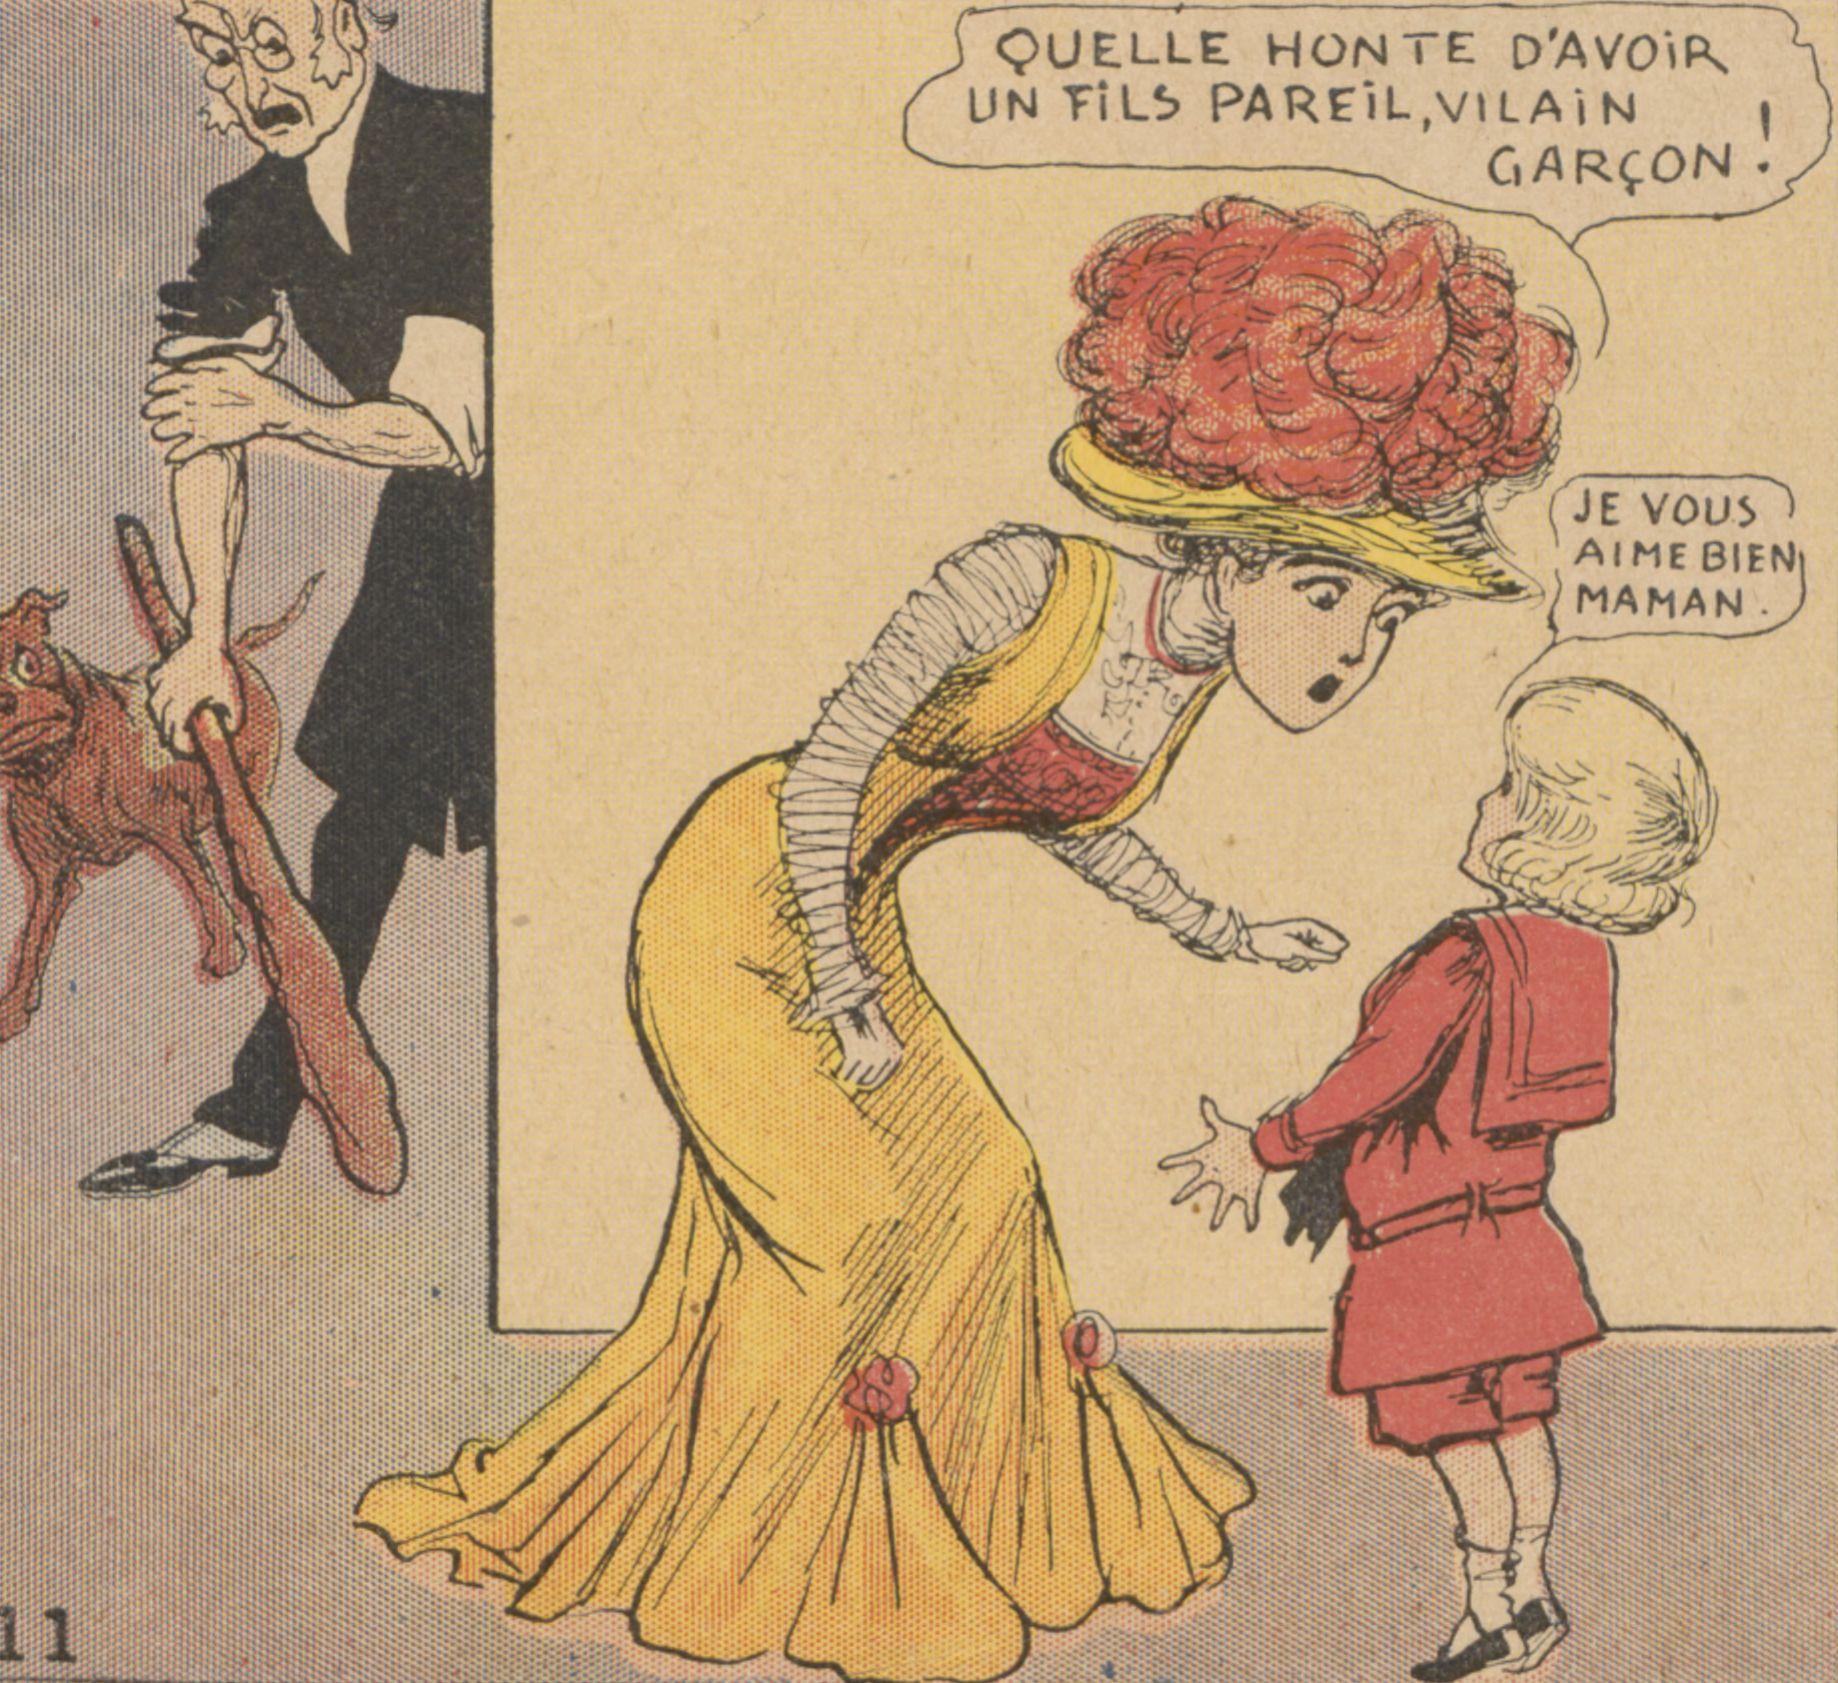 Richard Felton Outcault, Les dernières aventures de Buster Brown. Hachette, 1910 (Gallica)